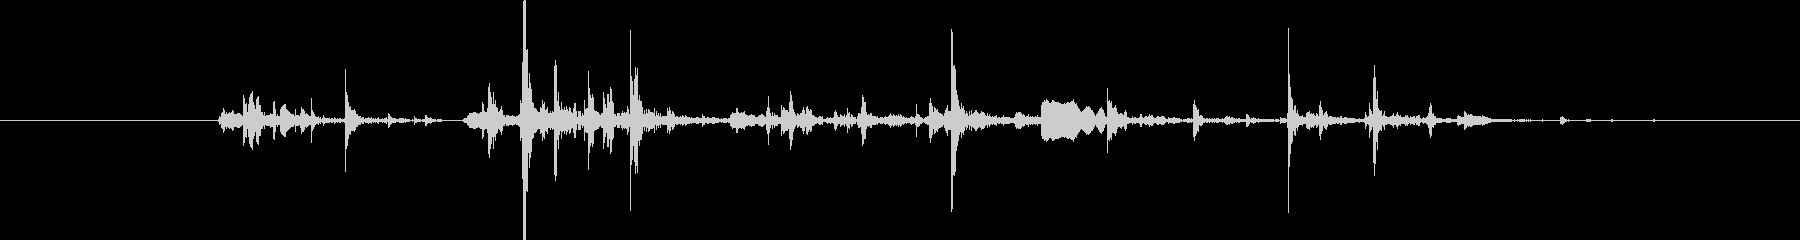 水音45の未再生の波形